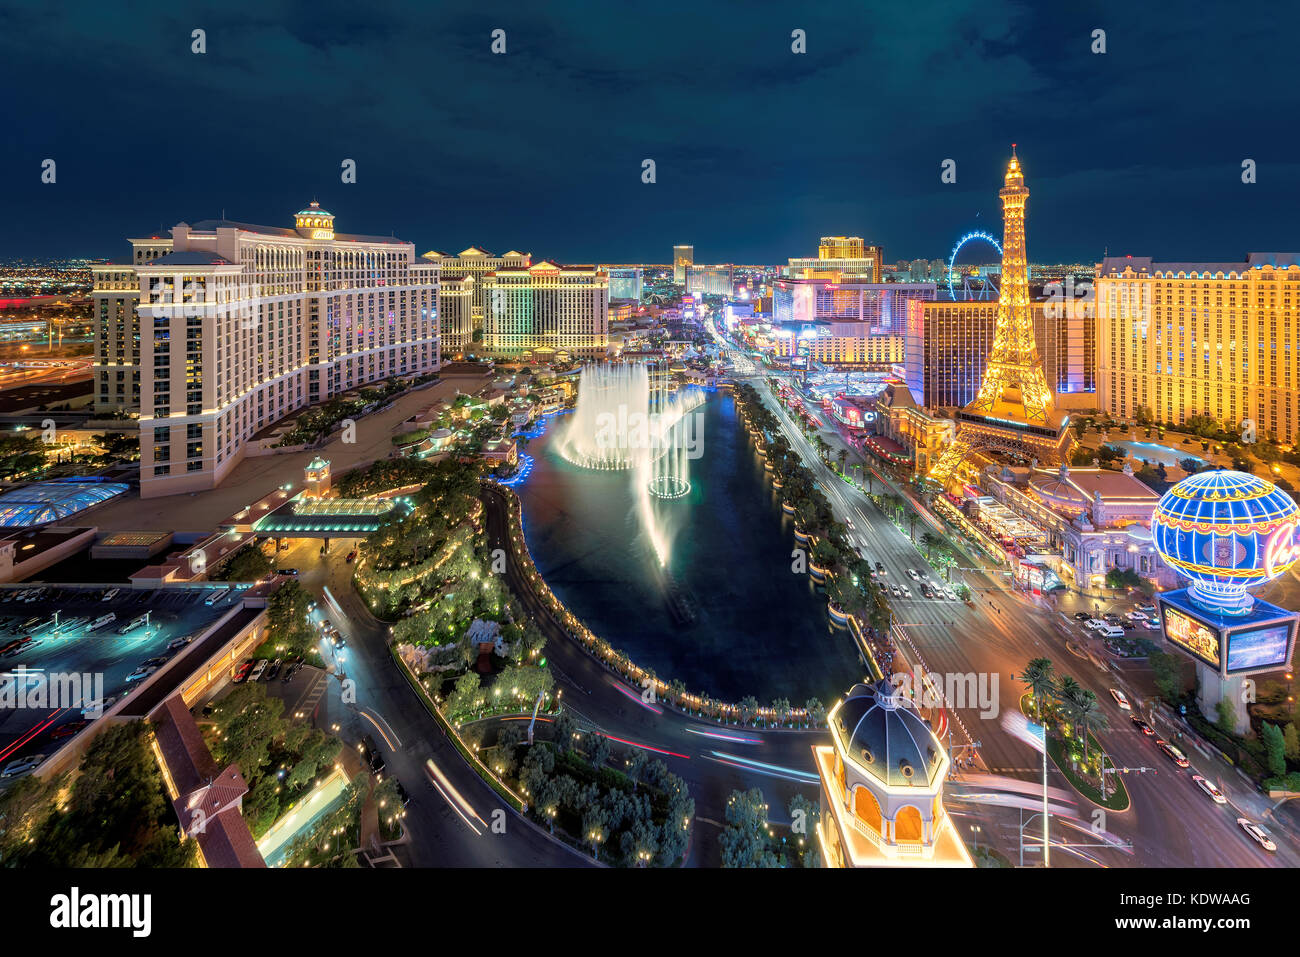 Vue aérienne de la bande de Las Vegas de nuit Photo Stock